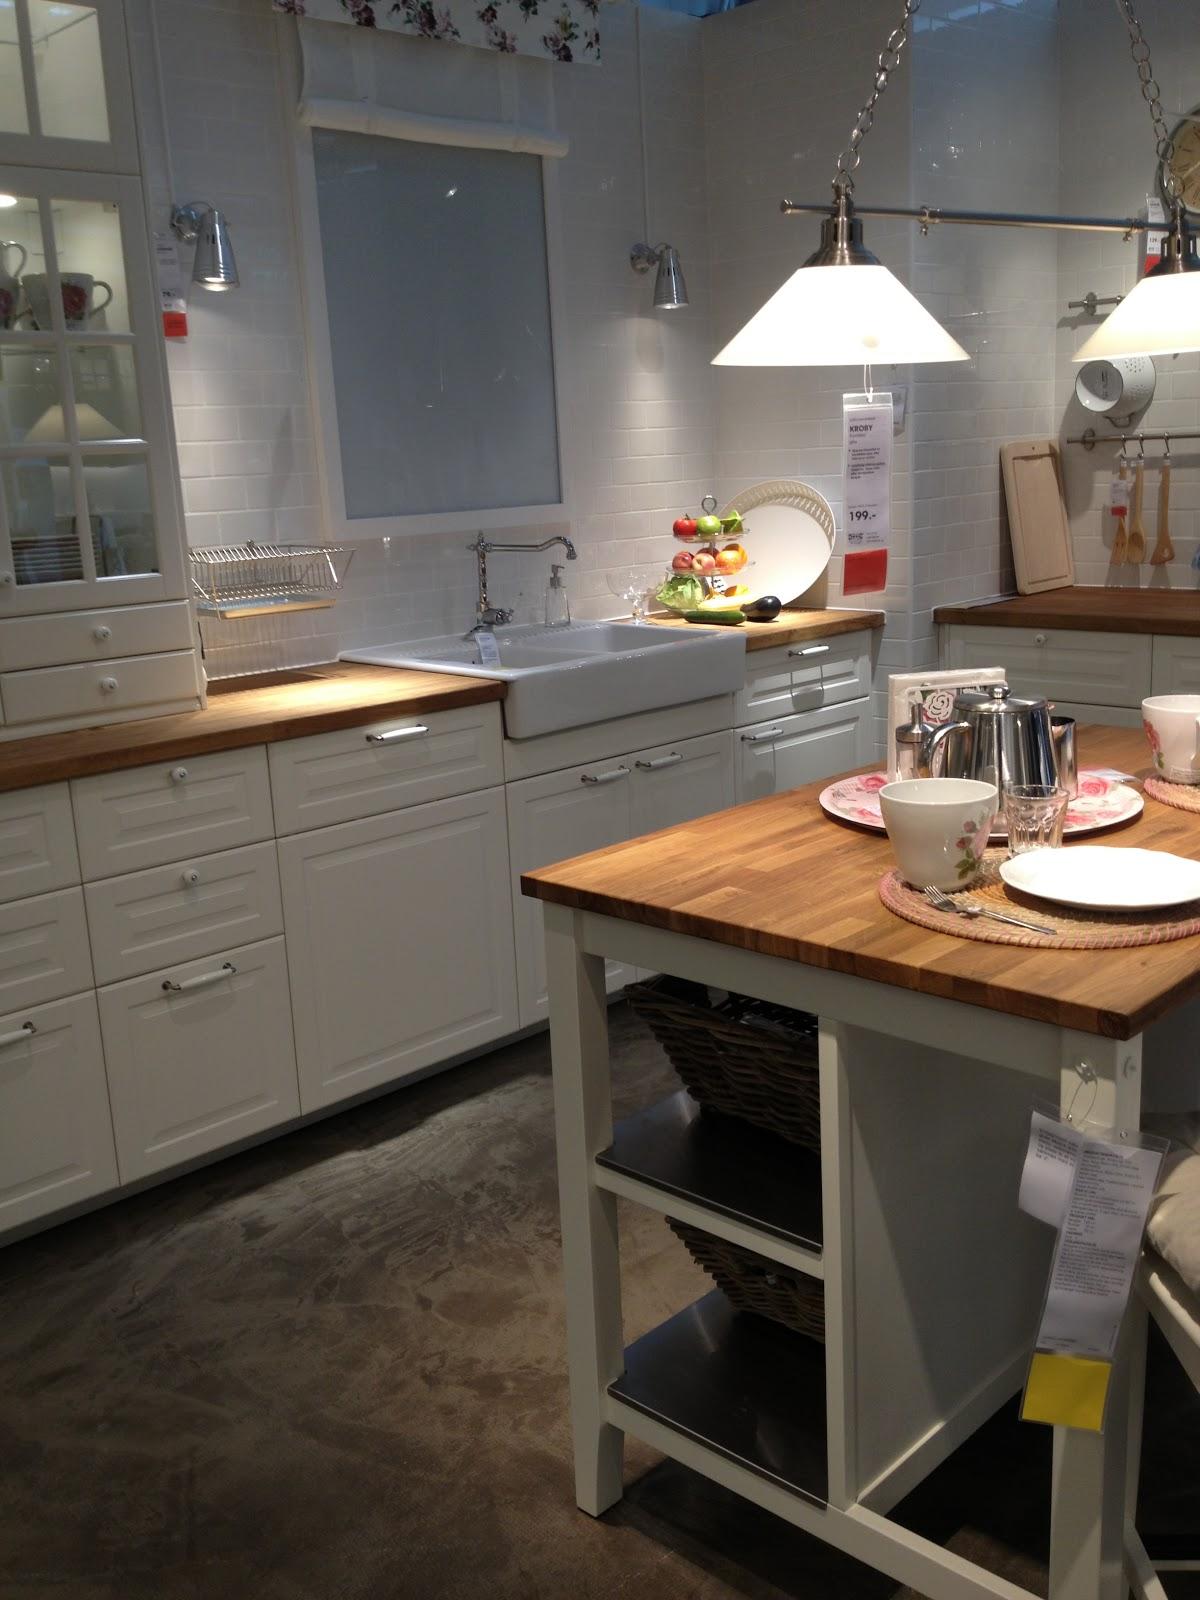 Et voksent liv: Sort vs. hvidt køkken